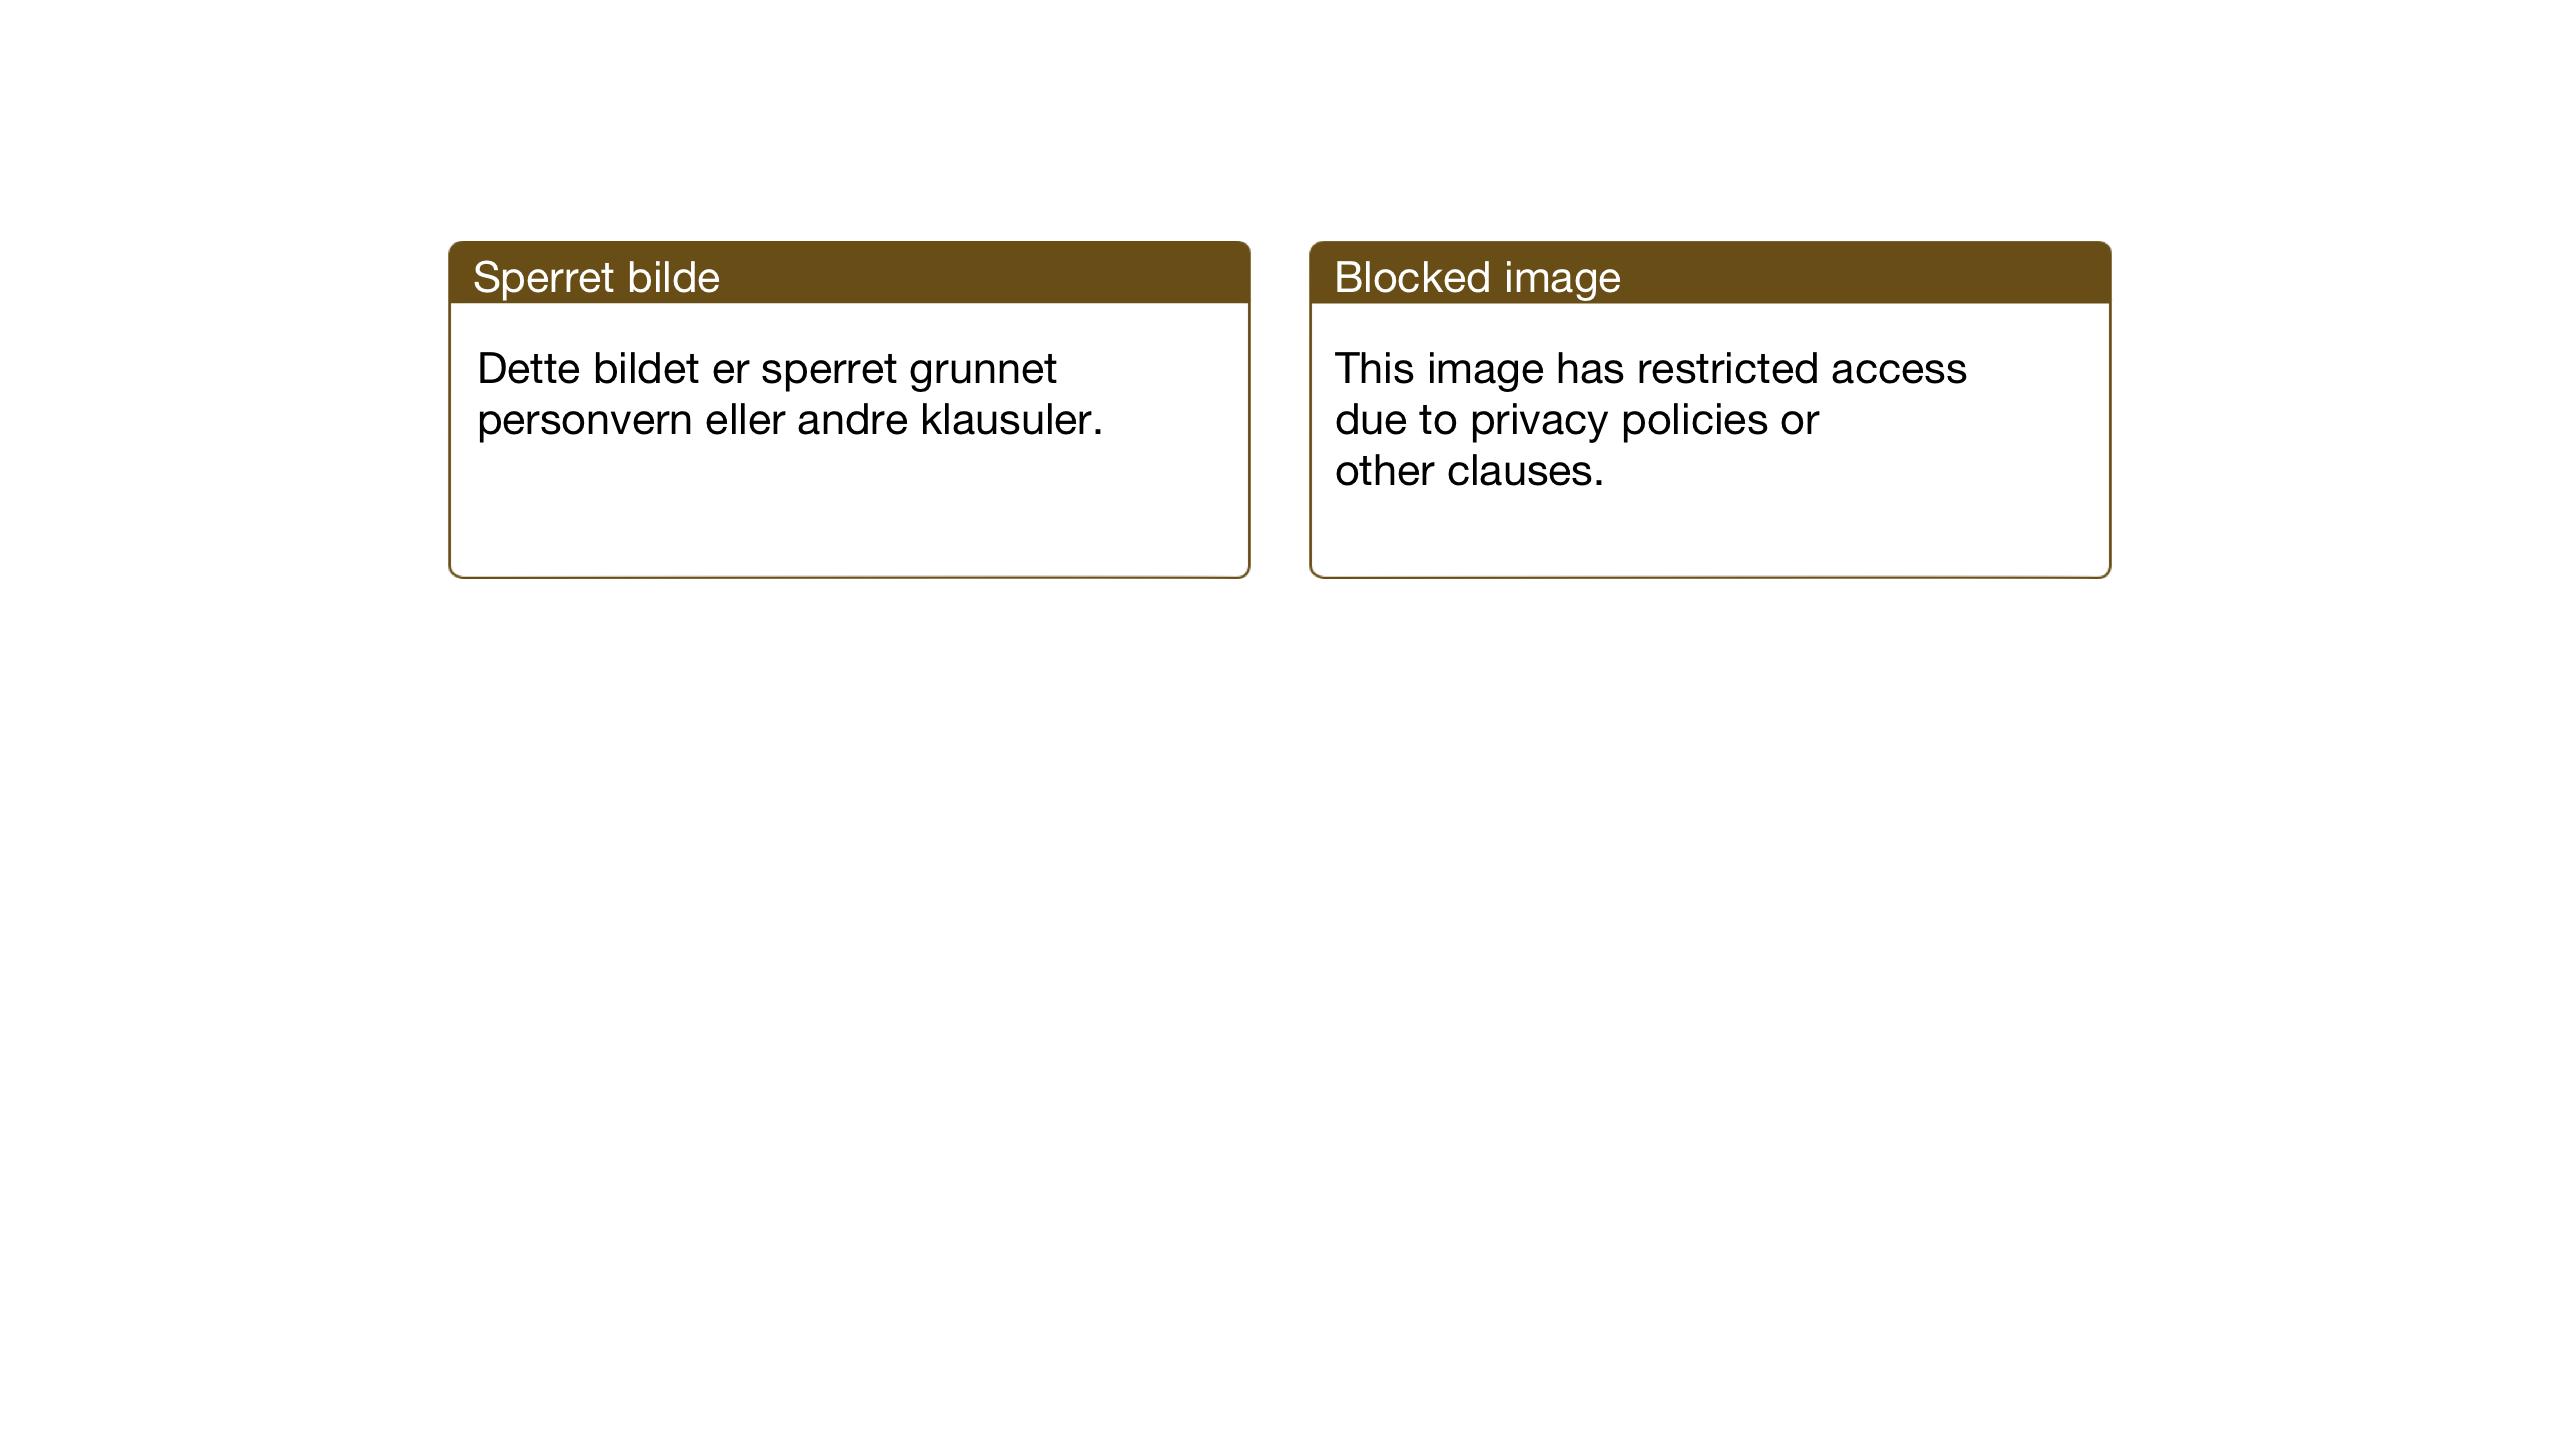 SAT, Ministerialprotokoller, klokkerbøker og fødselsregistre - Nord-Trøndelag, 768/L0583: Klokkerbok nr. 768C01, 1928-1953, s. 202